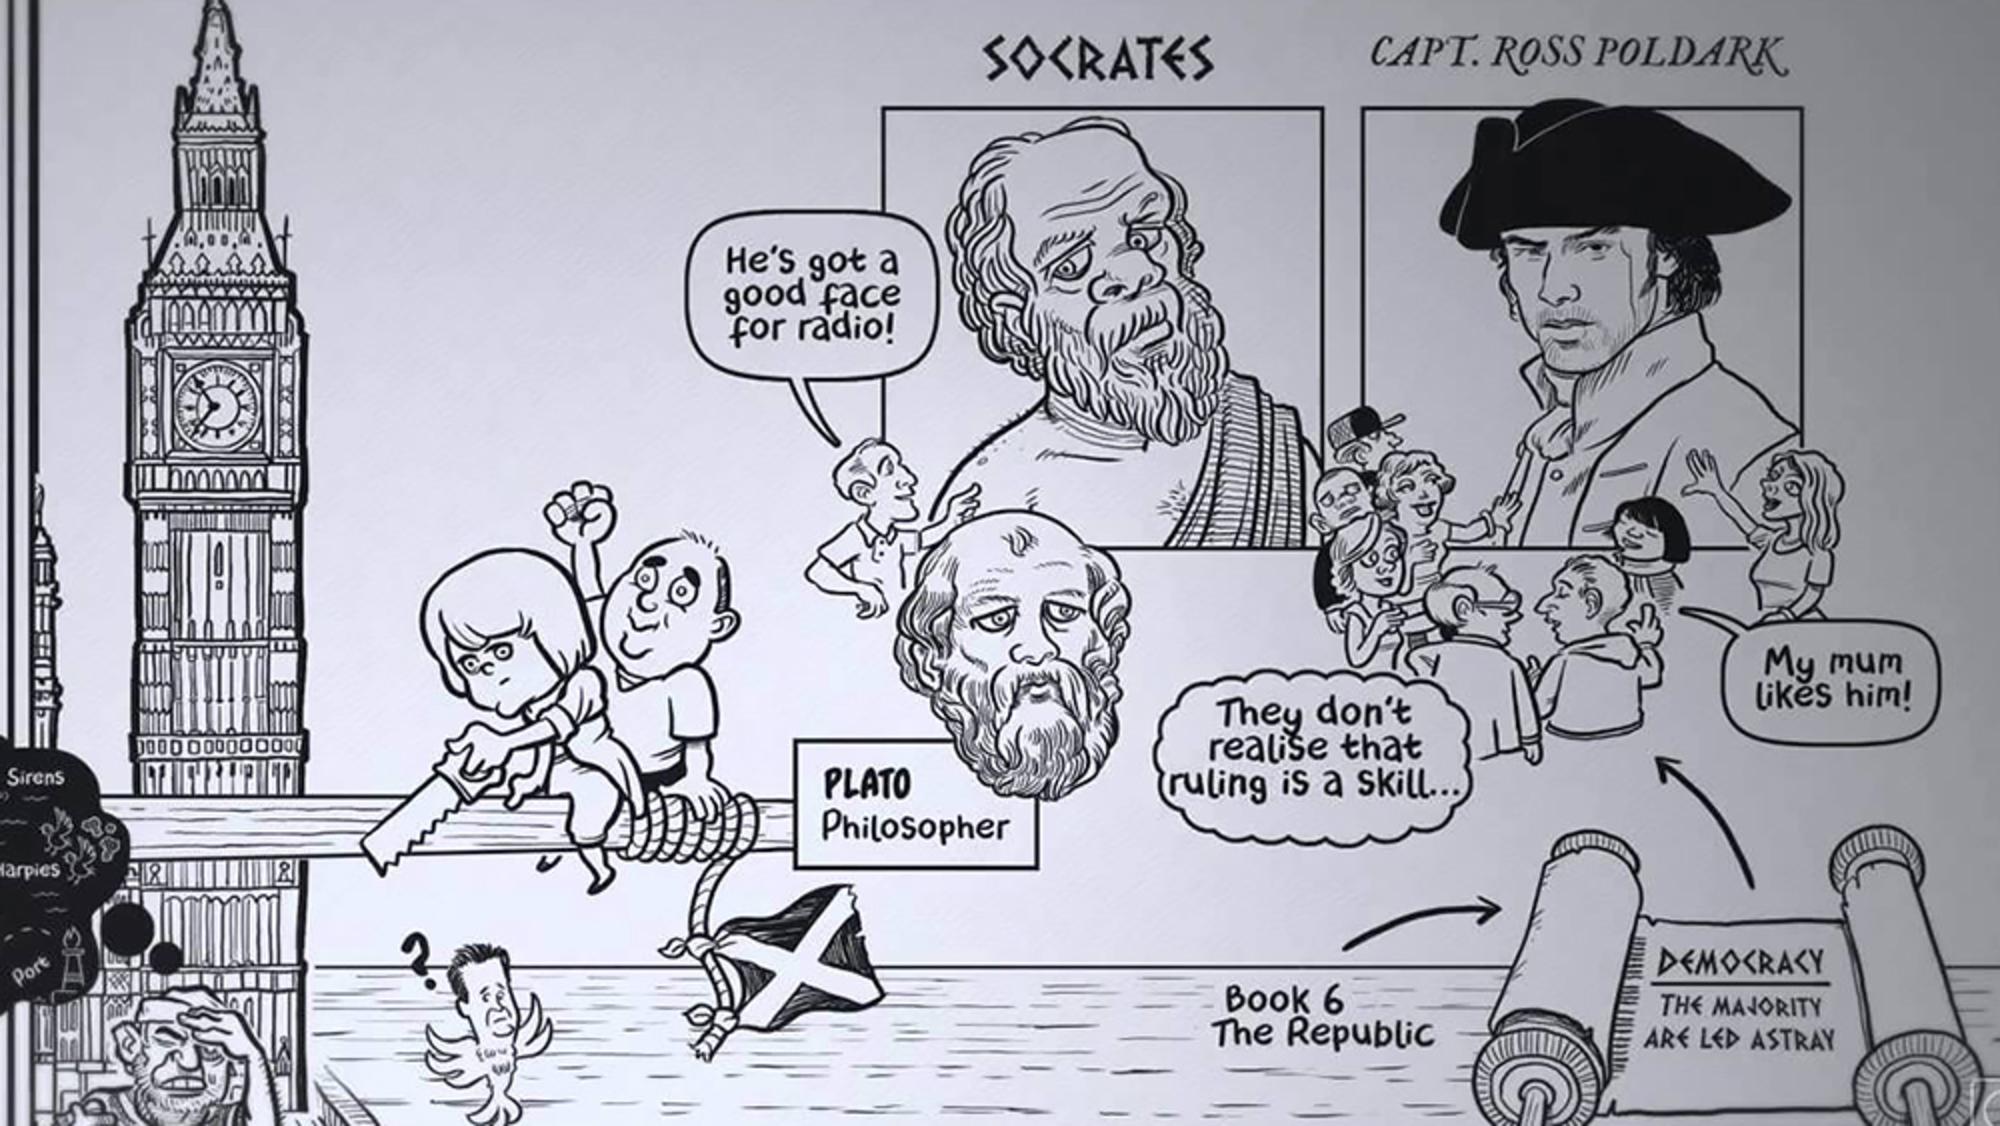 Plato's moral philosophy essay